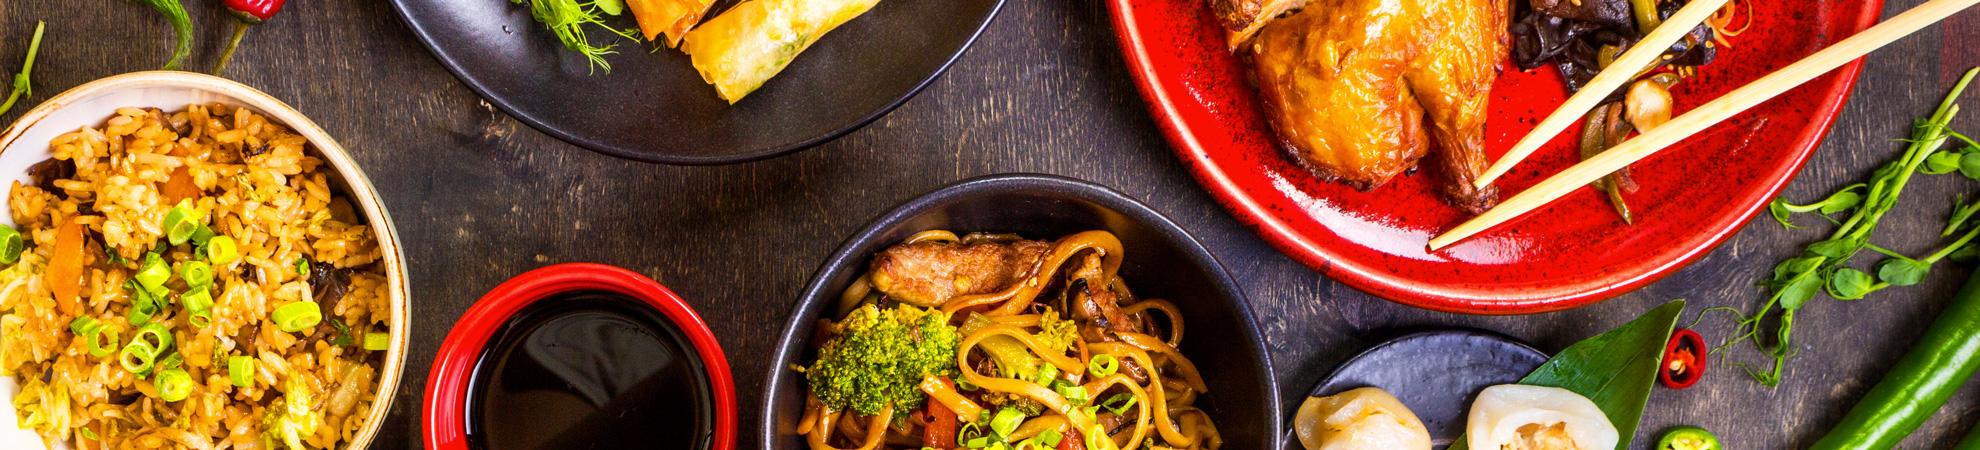 Spécialités culinaires en Chine